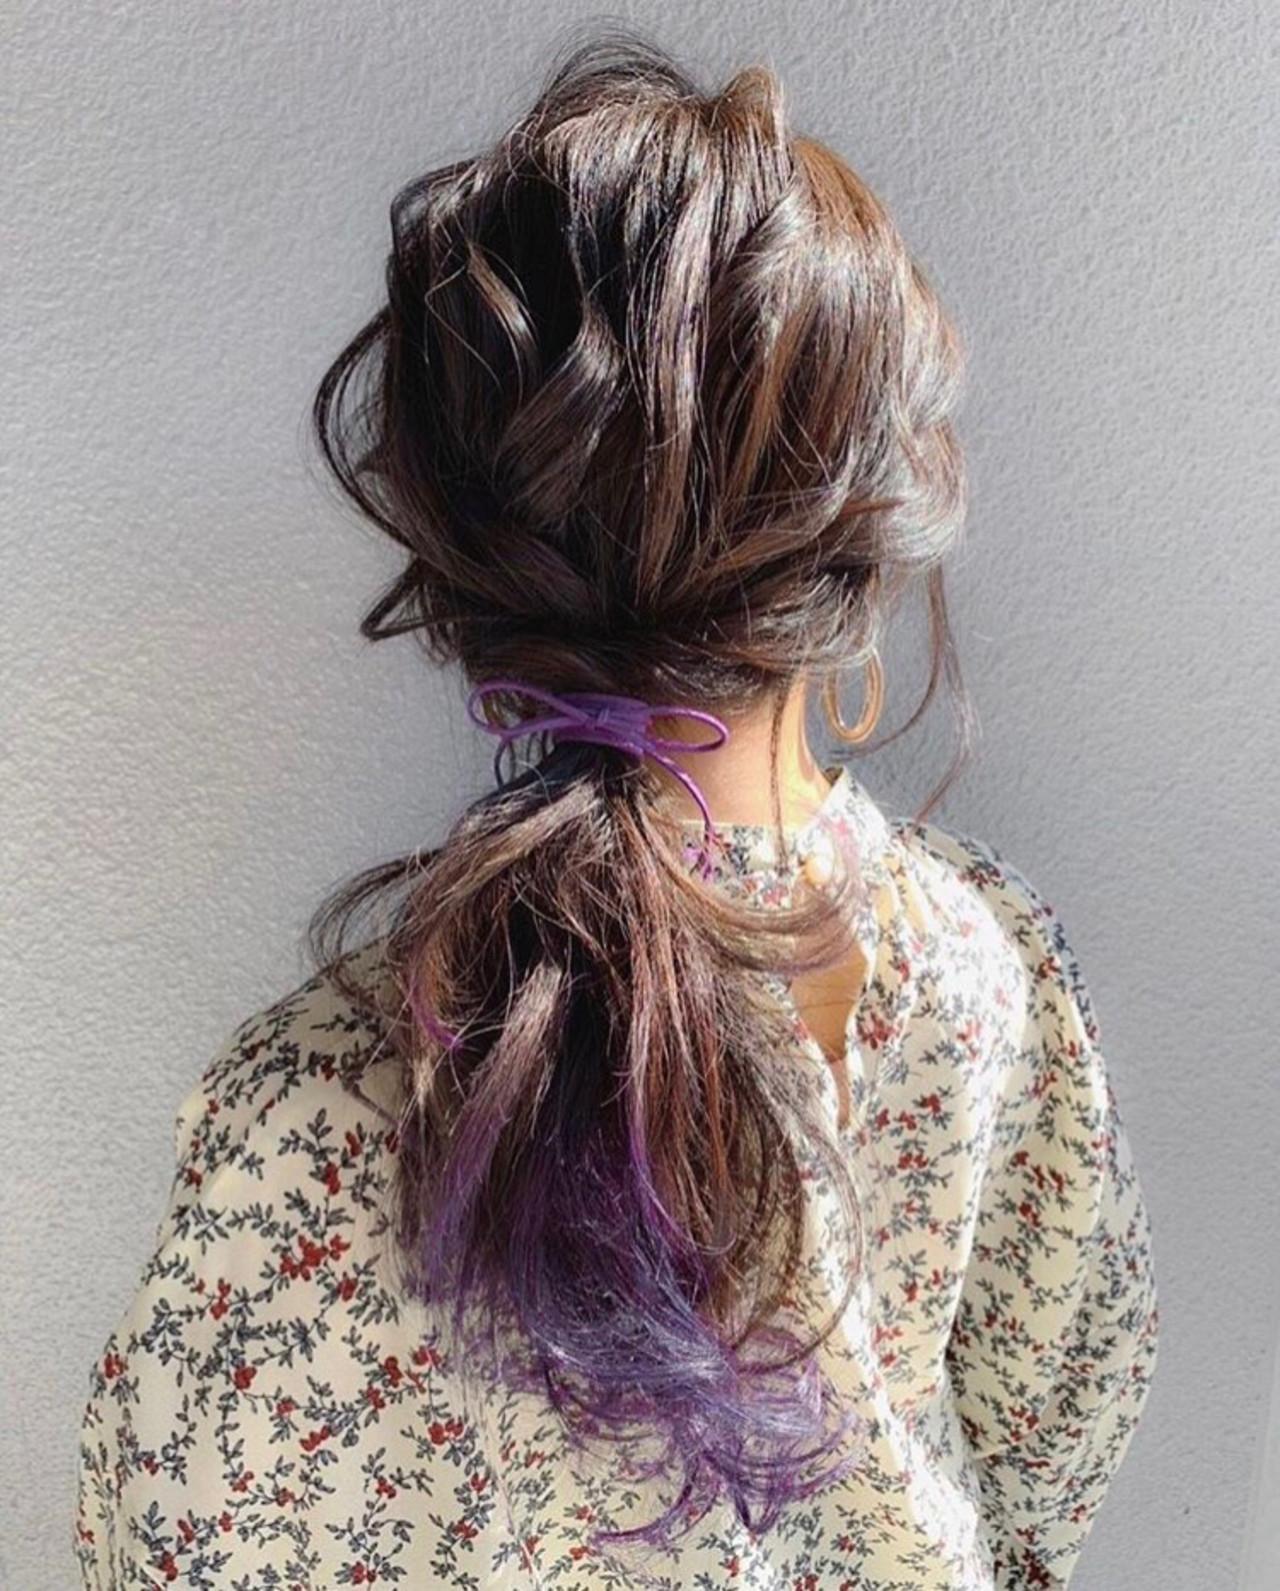 黒髪 結婚式 簡単ヘアアレンジ セミロング ヘアスタイルや髪型の写真・画像